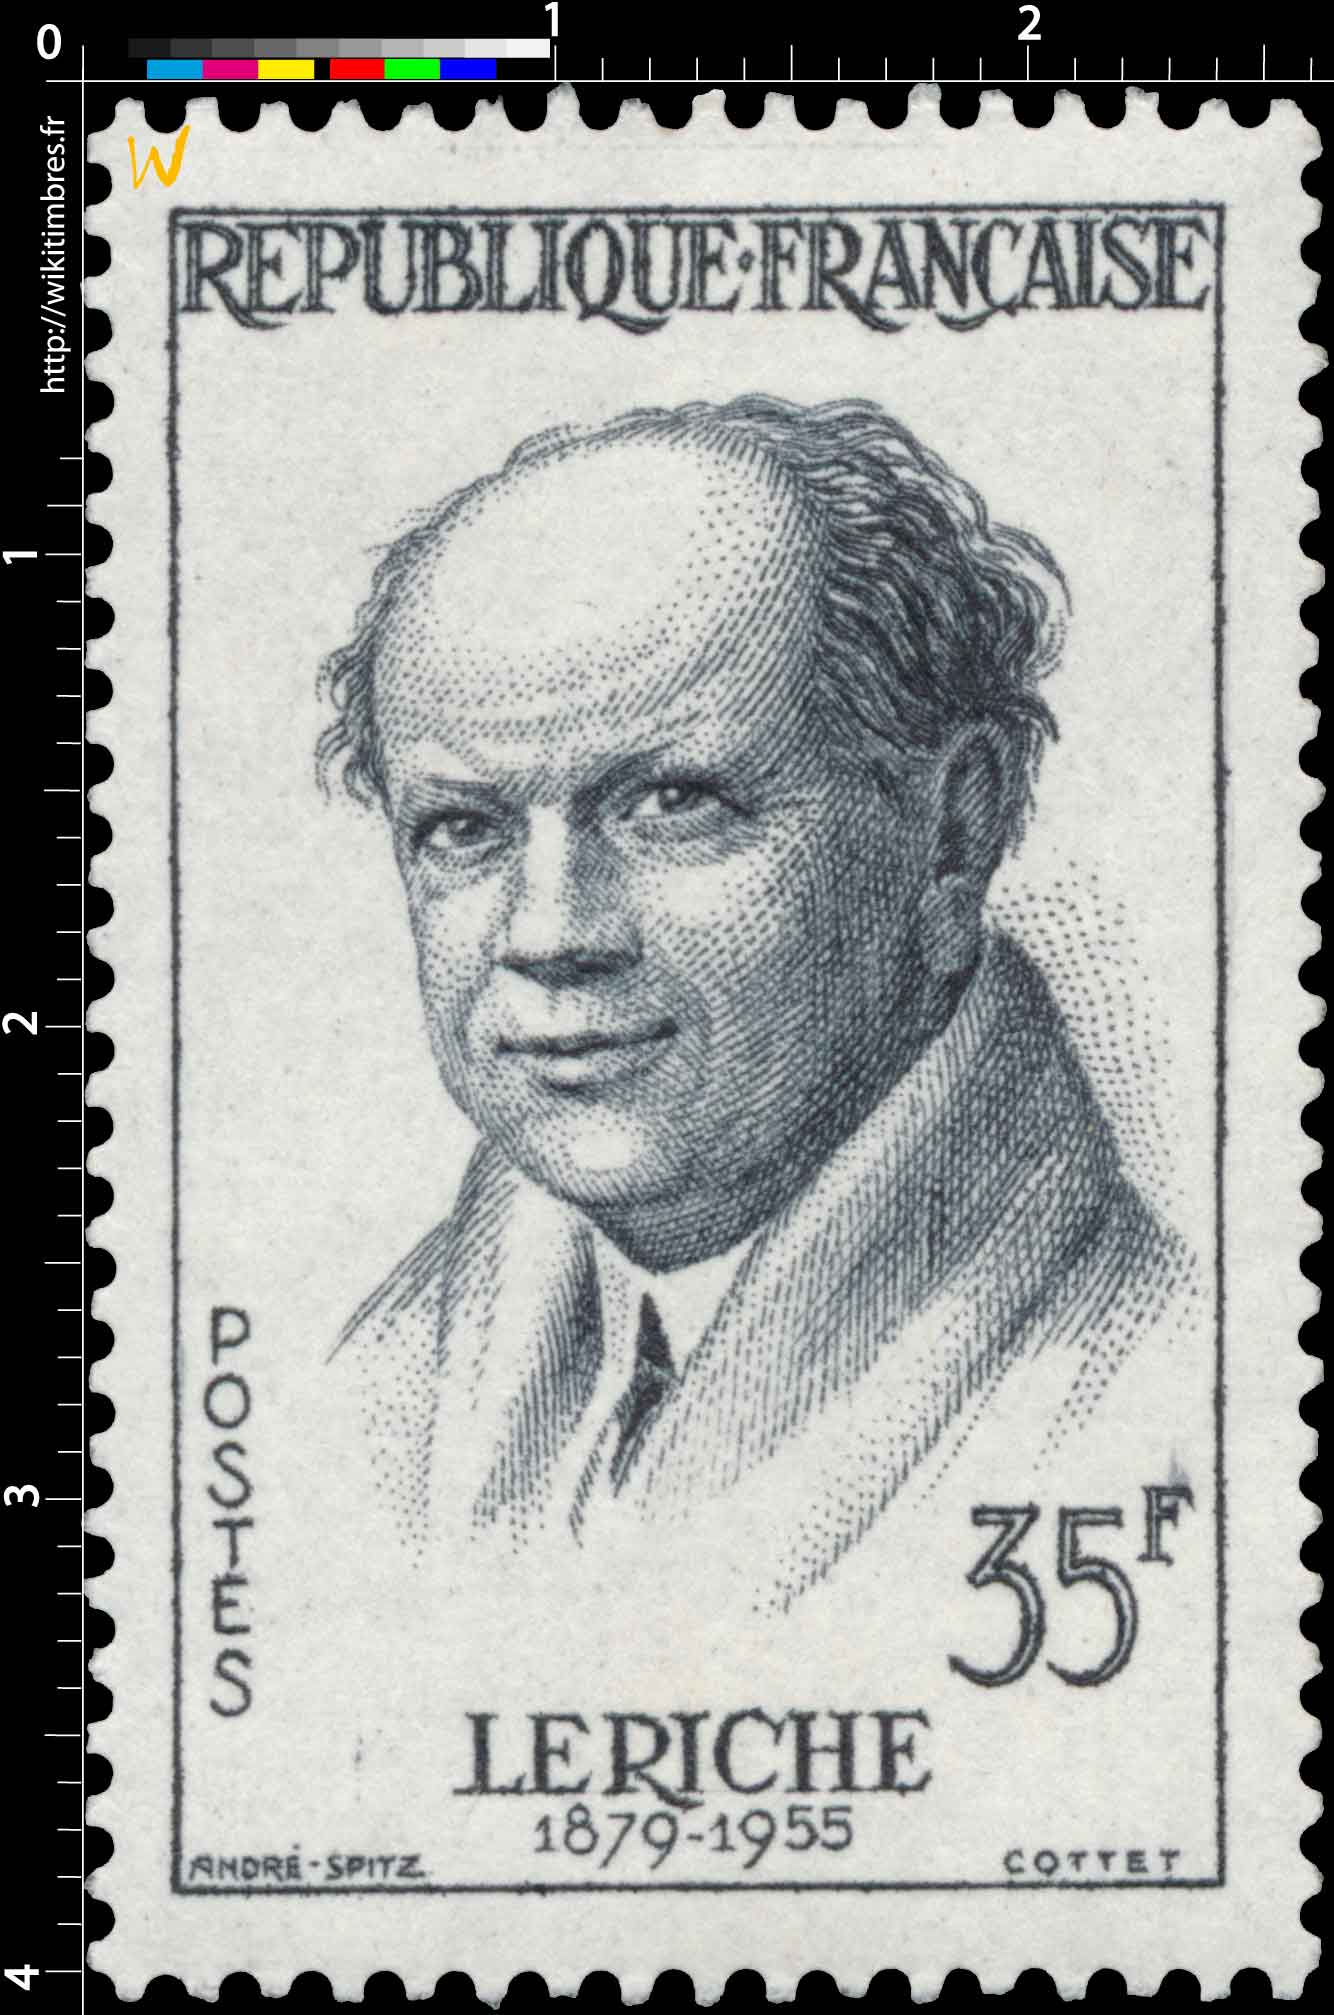 LERICHE 1879-1955